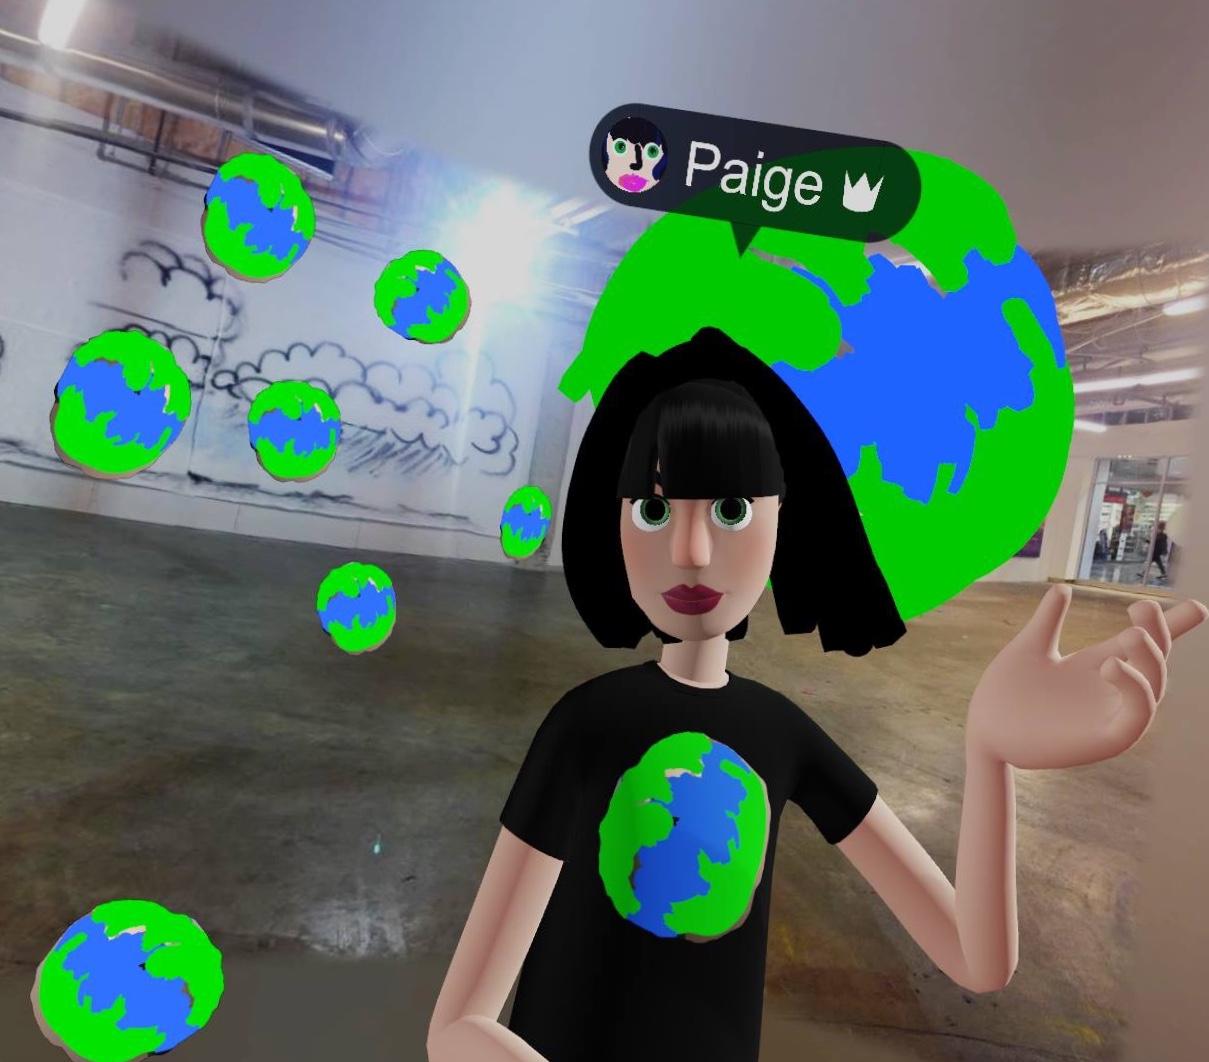 Paige Dansinger, Founding Director of Better World Museum